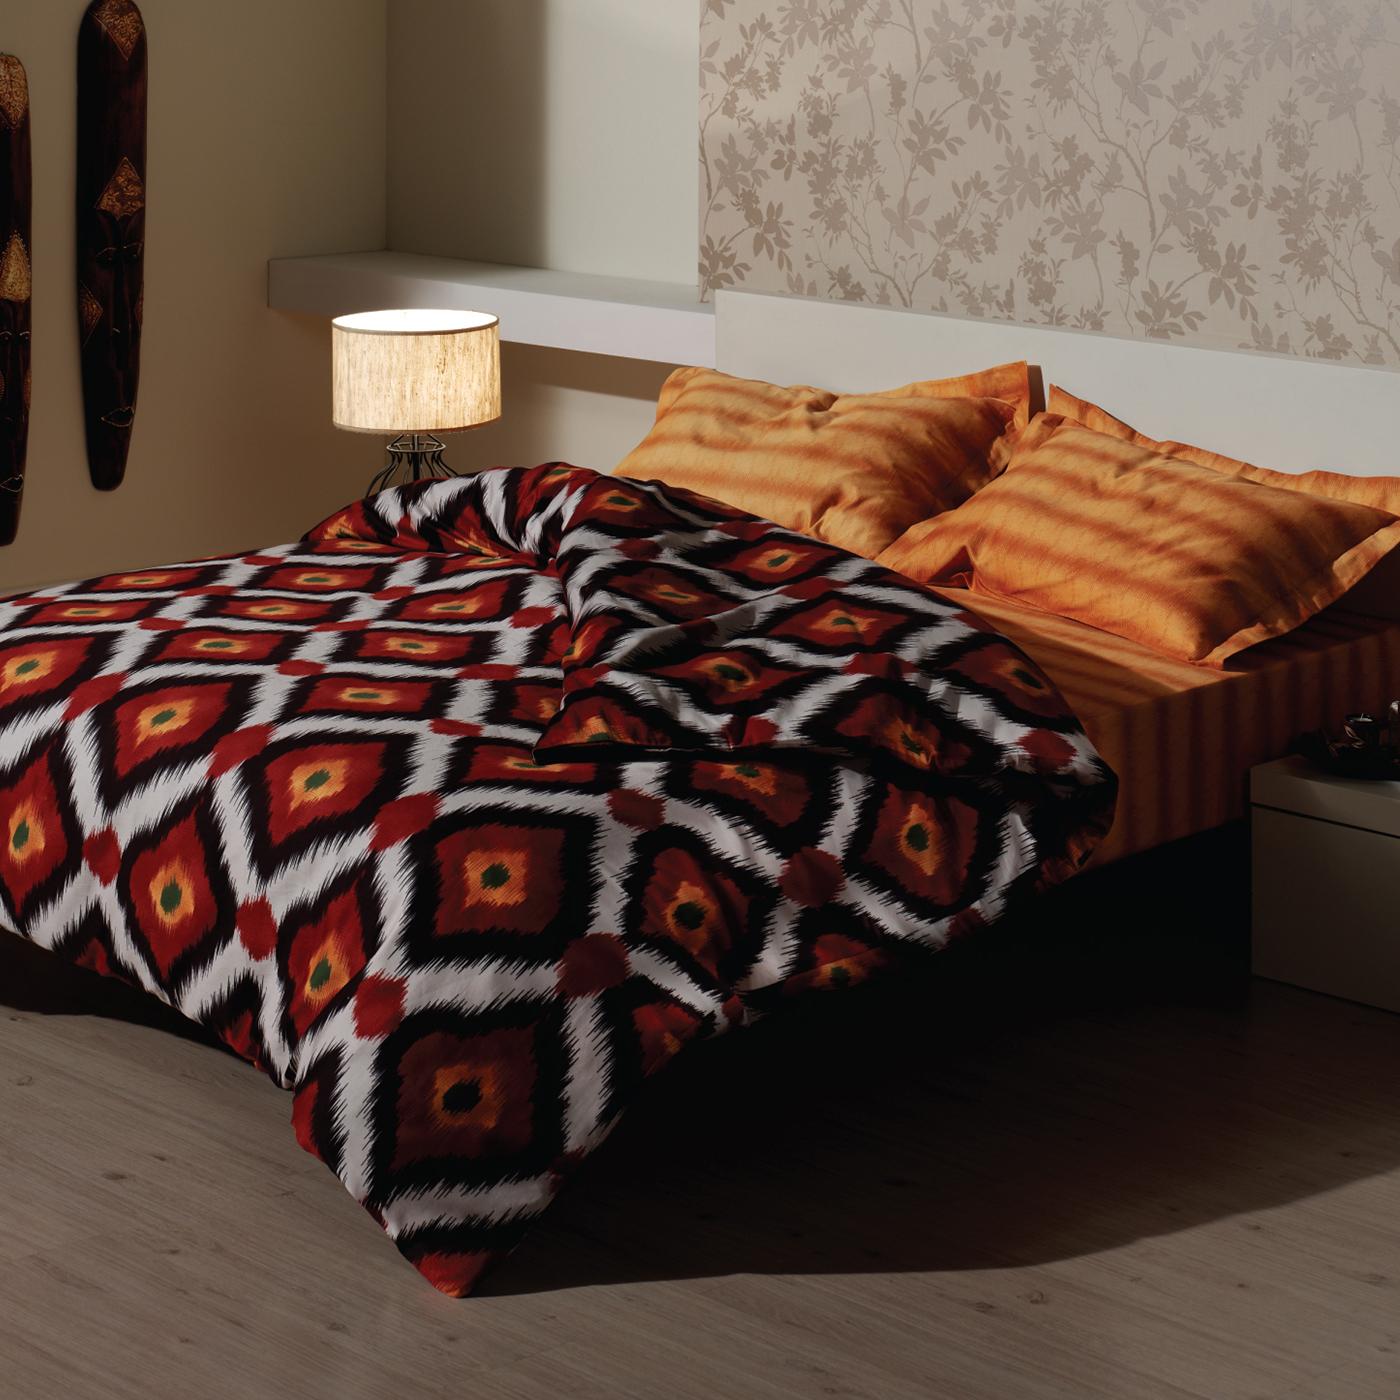 Купить Комплект постельного белья Ikat Orange Min, inmyroom, Турция